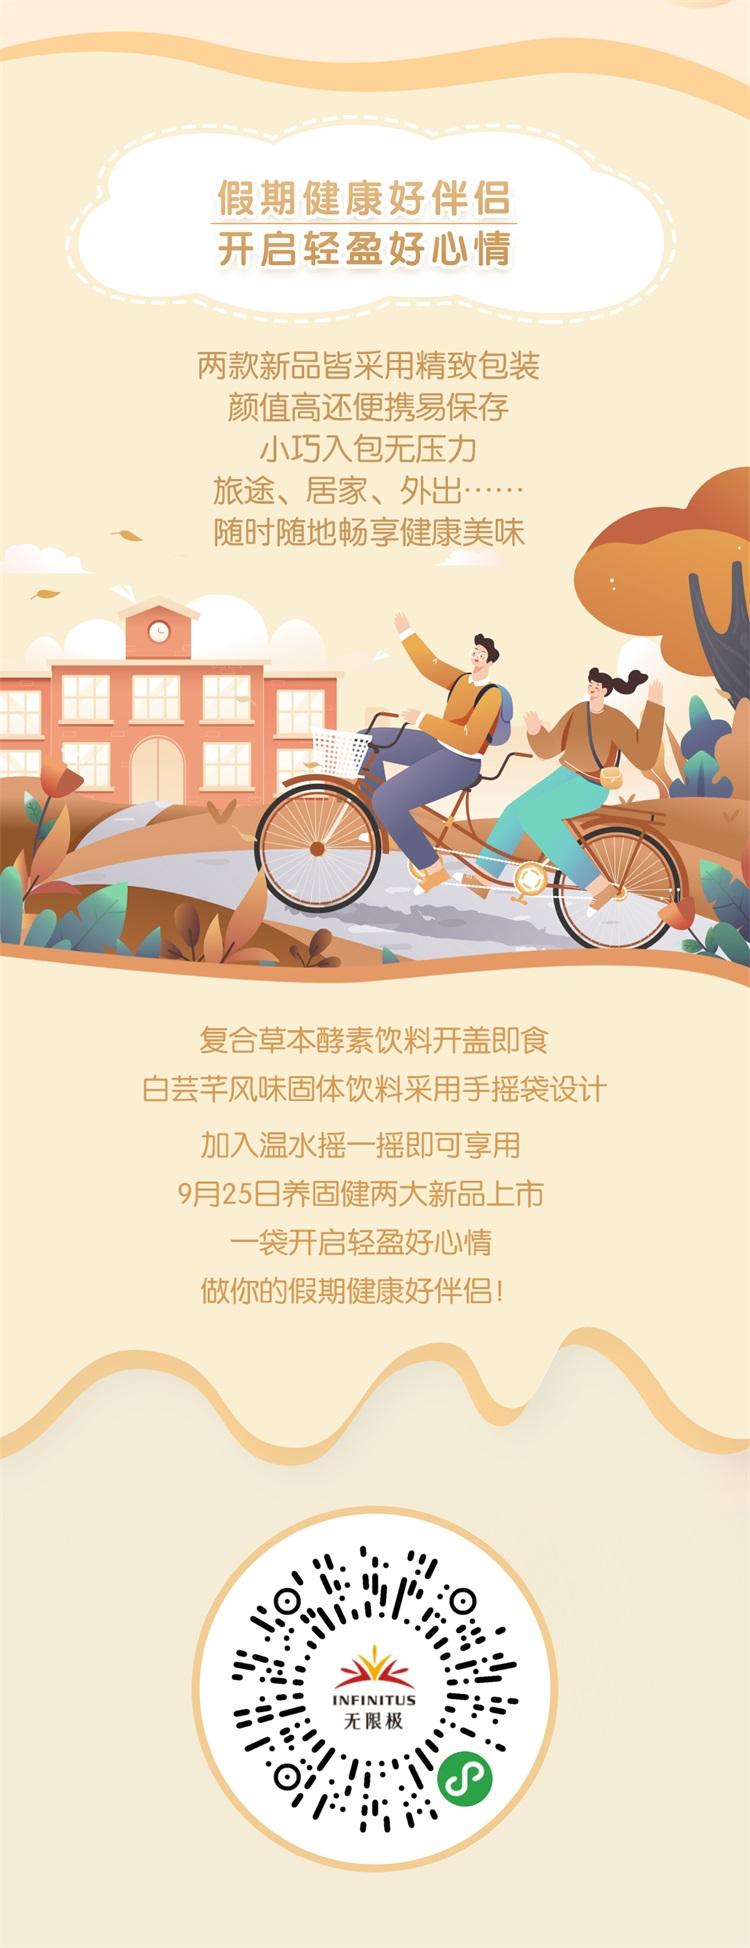 养固健长图文0922-2_09